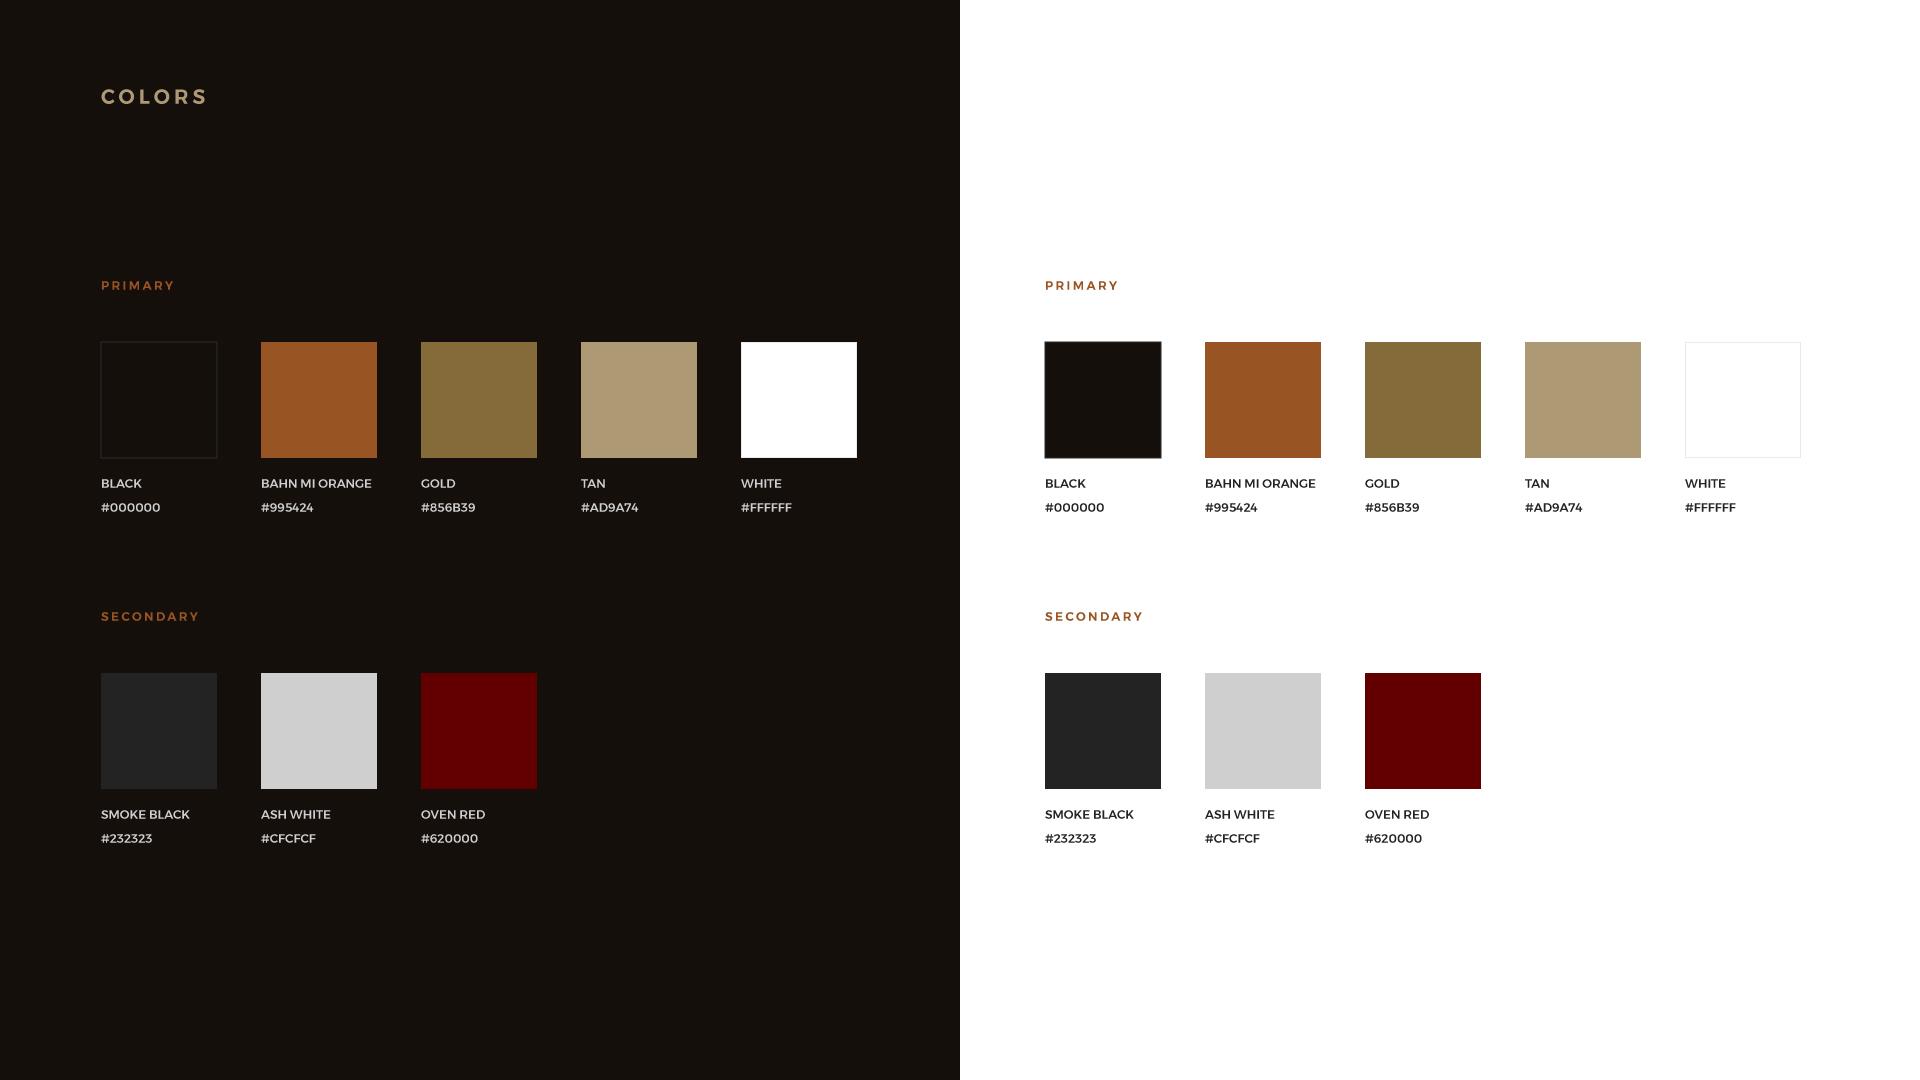 Fig. 4 - ADCK Colors